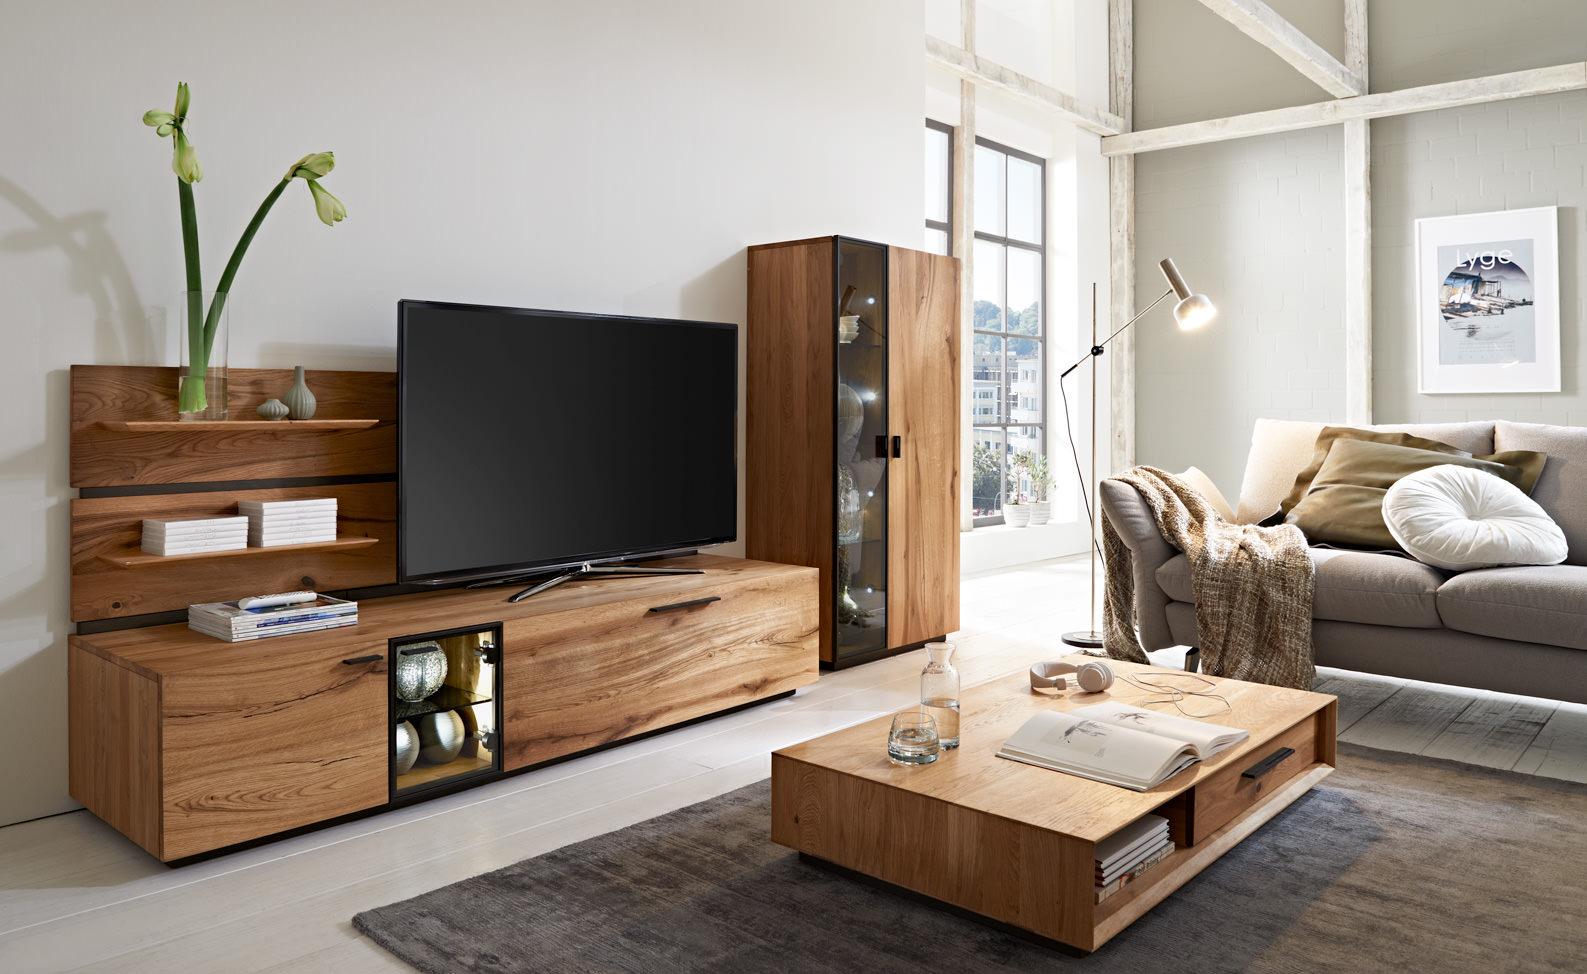 Wimmer Möbel wimmer wohnkollektion eichenscheune bocholt